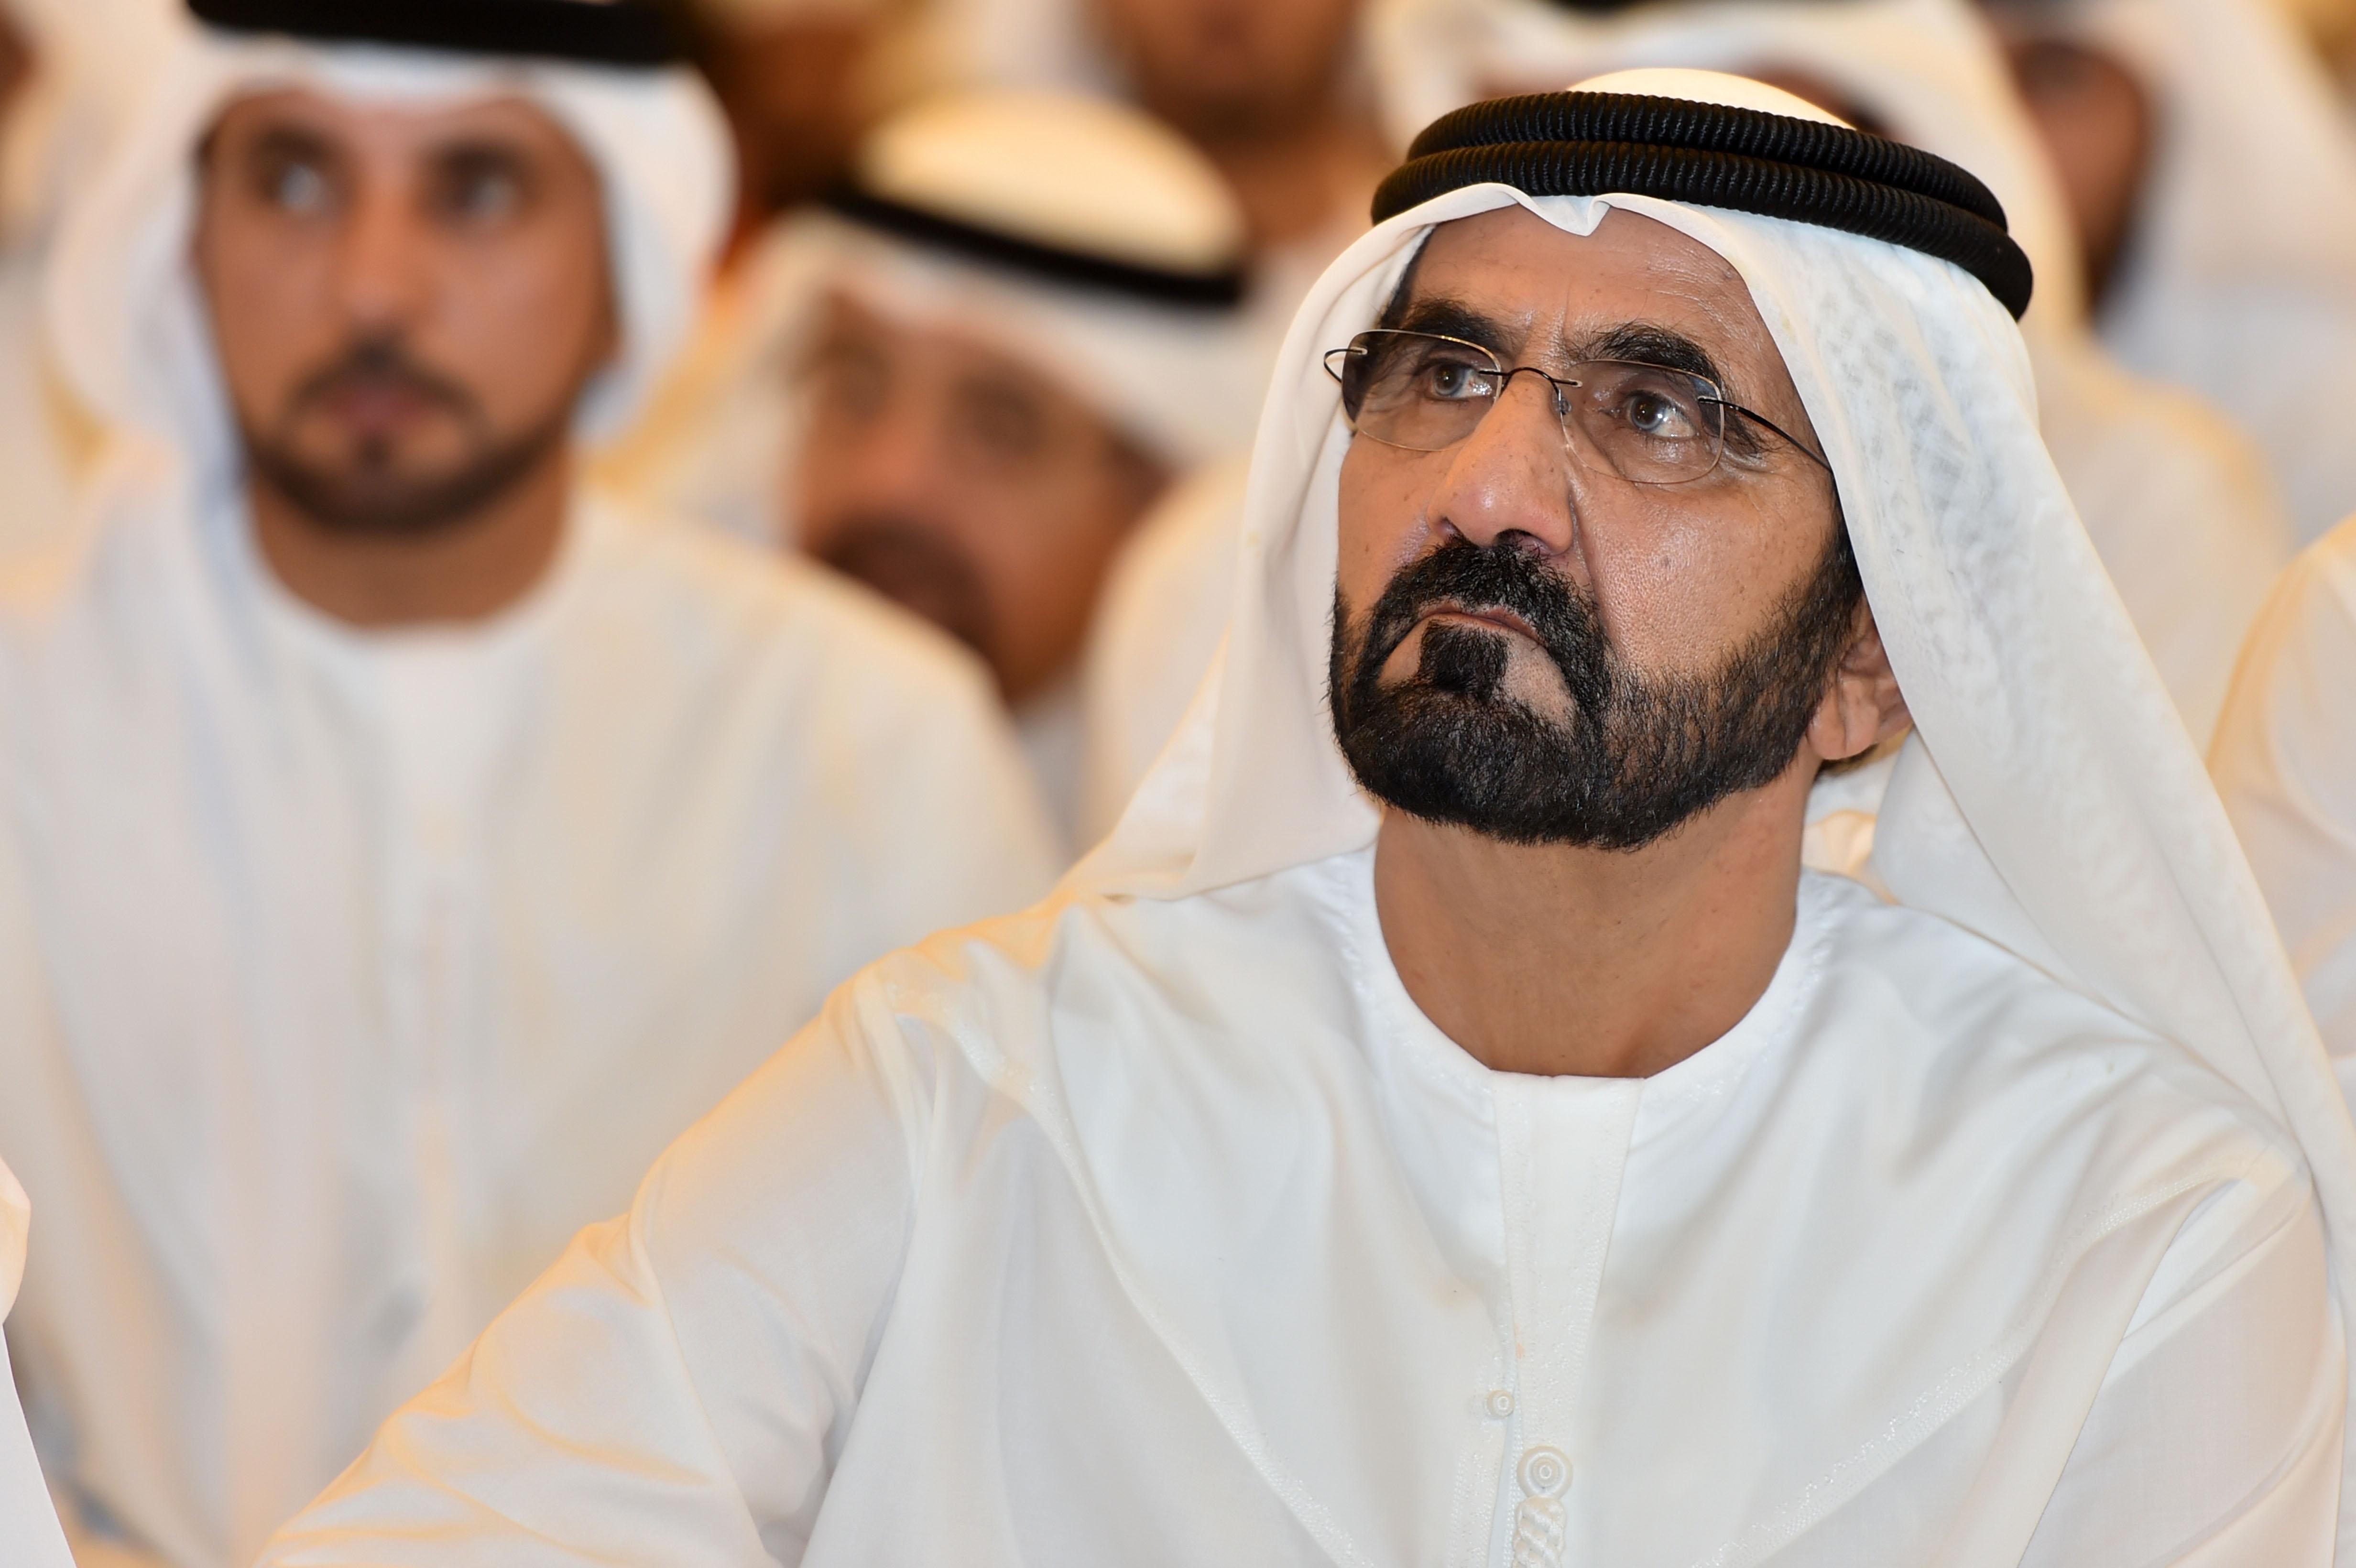 صاحب السمو الشيخ محمد بن راشد آل مكتوم - دمعة الشيخ محمد